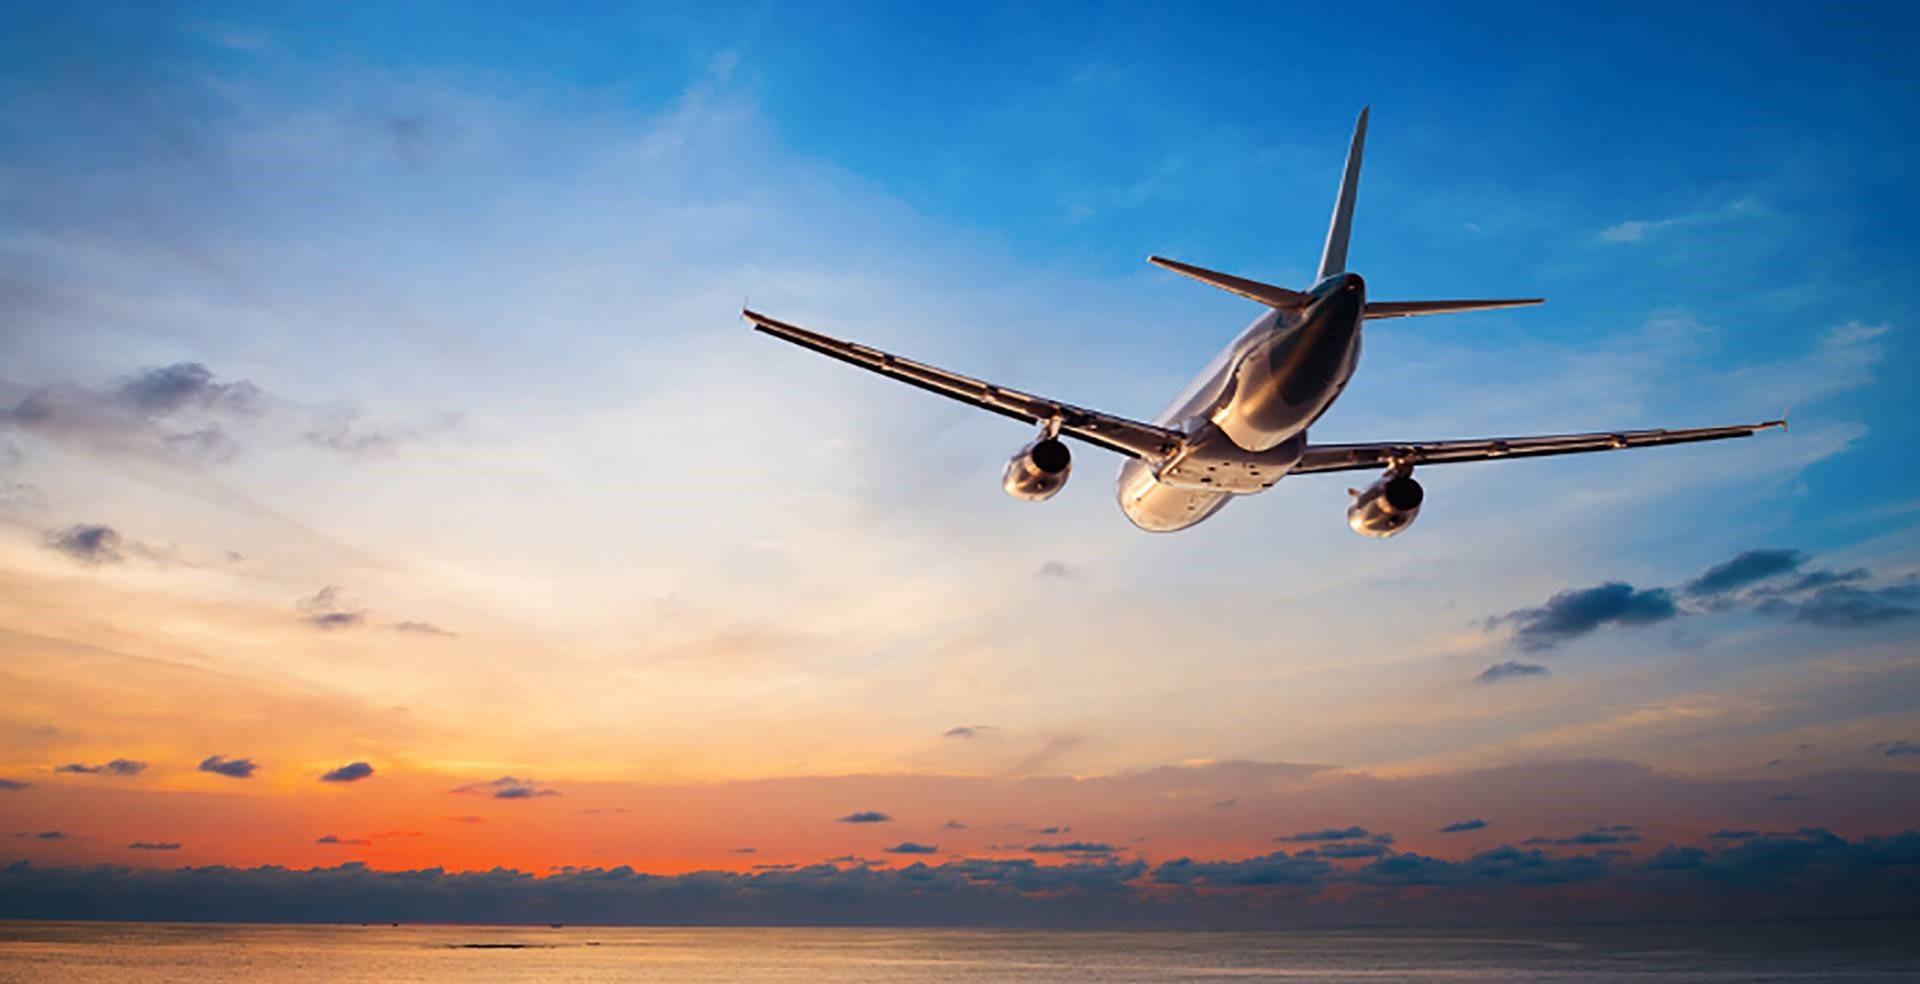 نکته هایی برای اولین سفر خارجی